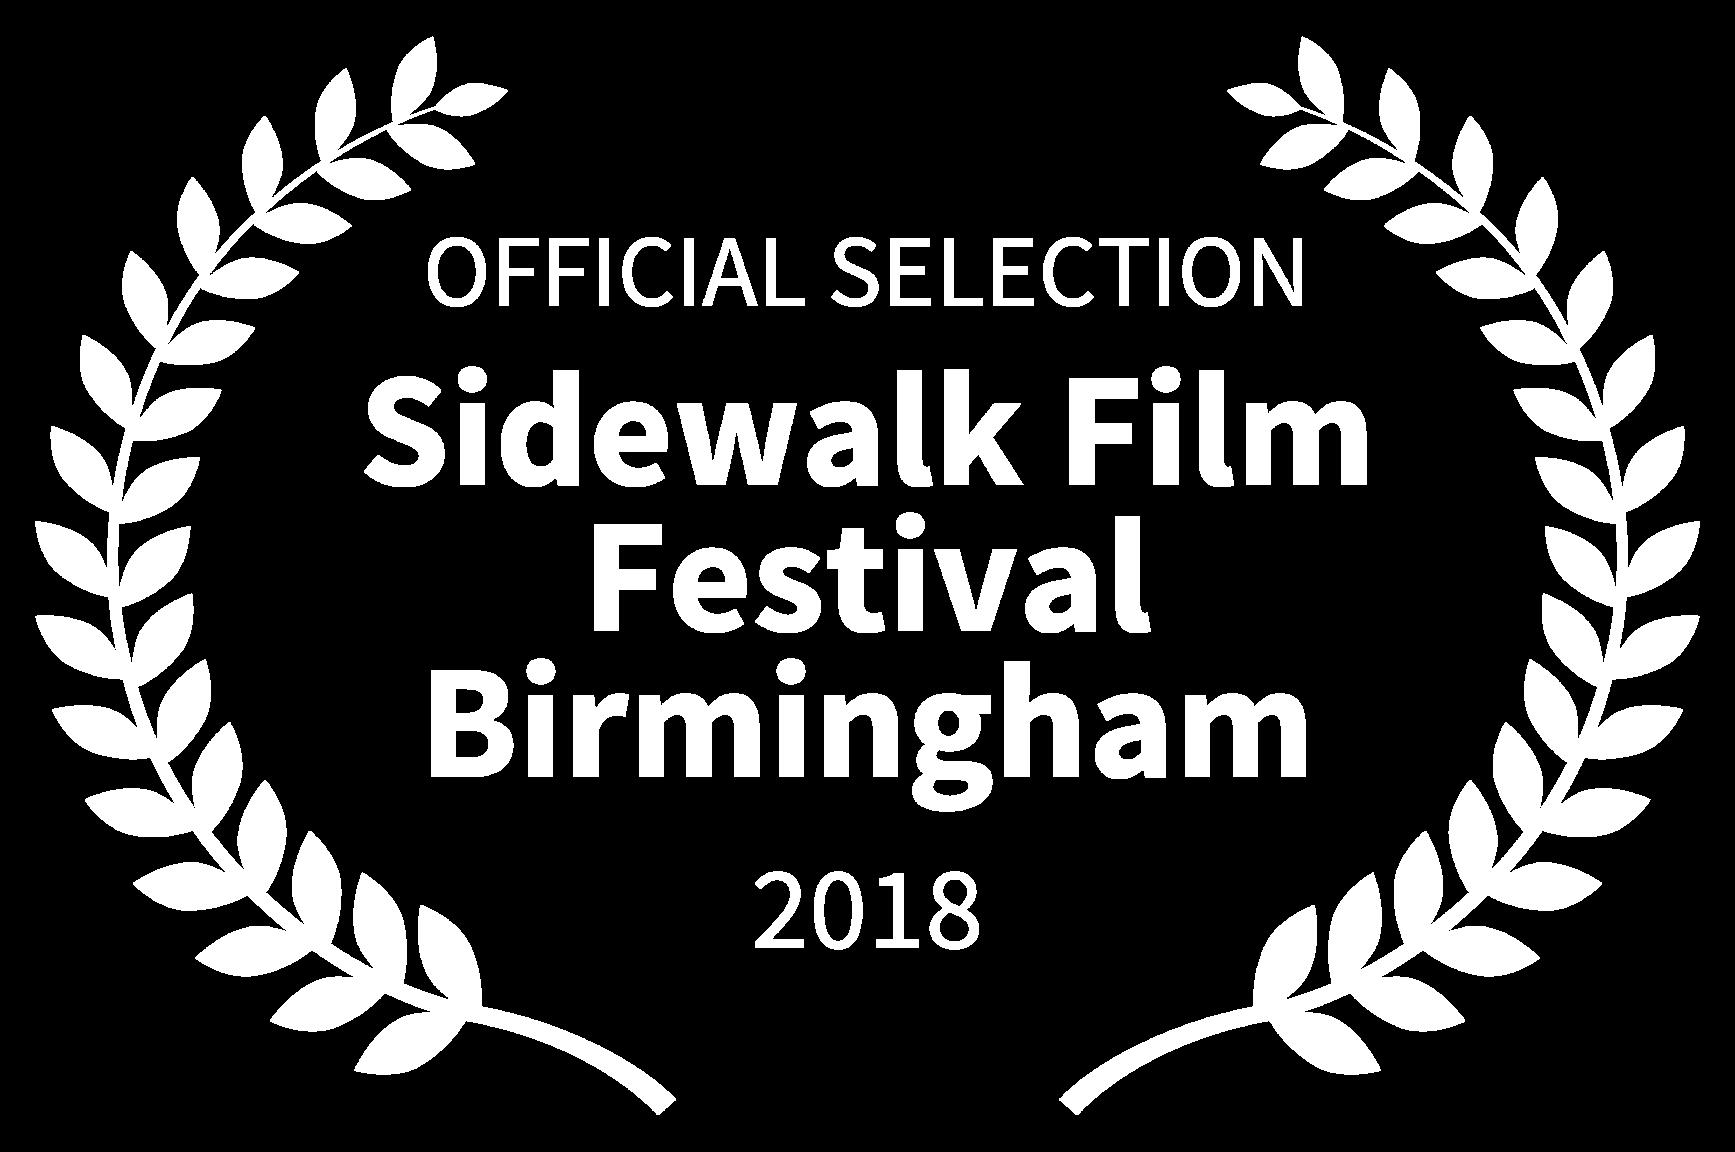 Sidewalk Film Festival - Birmingham, ALAugust 26, 2018